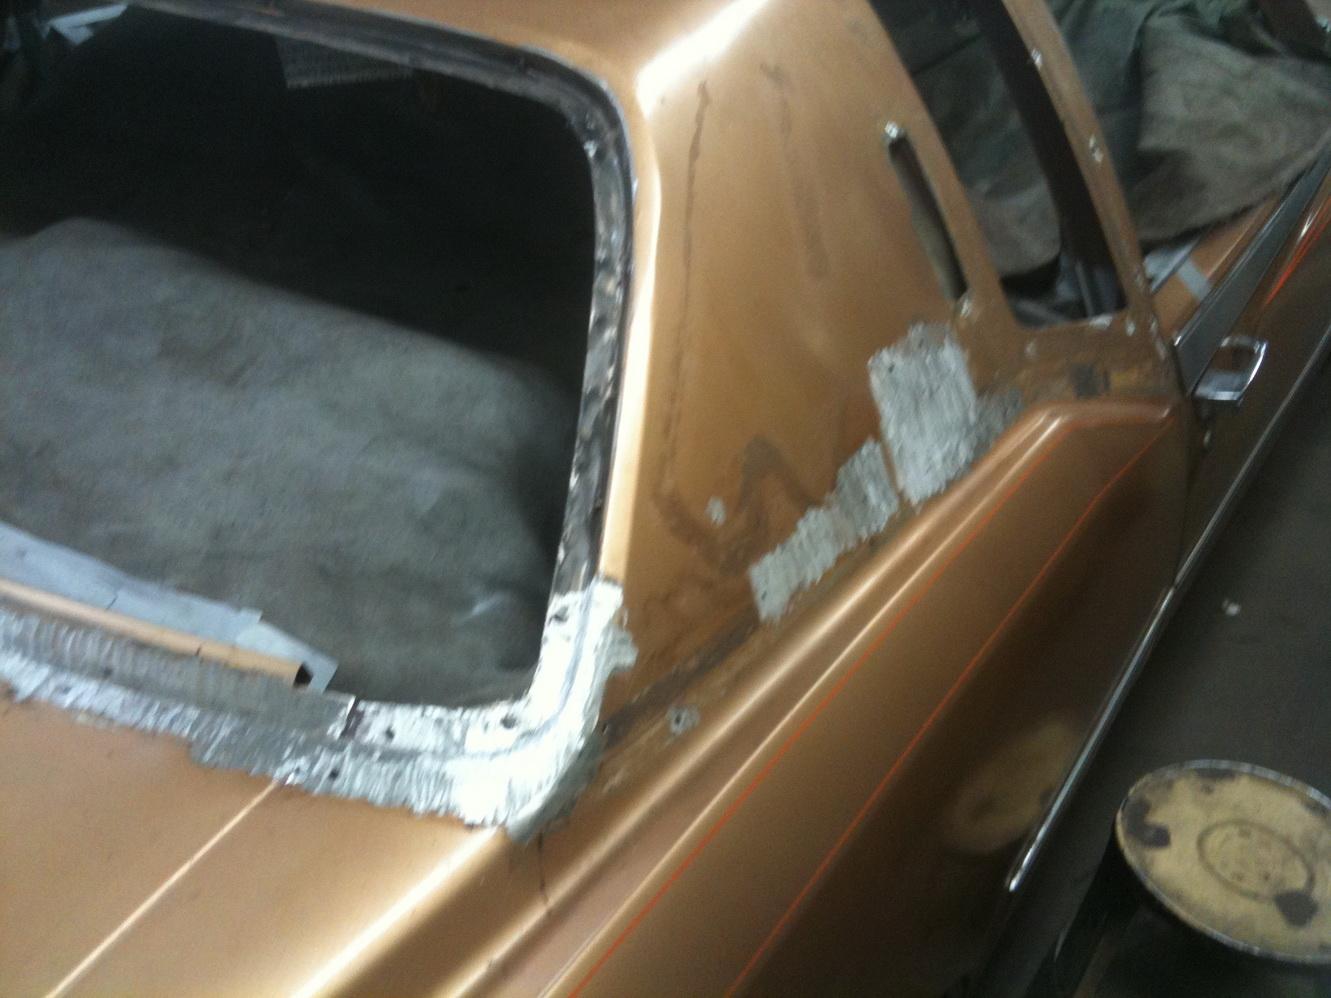 20101119 1977 cadillac eldorado biarritz roof repair 14